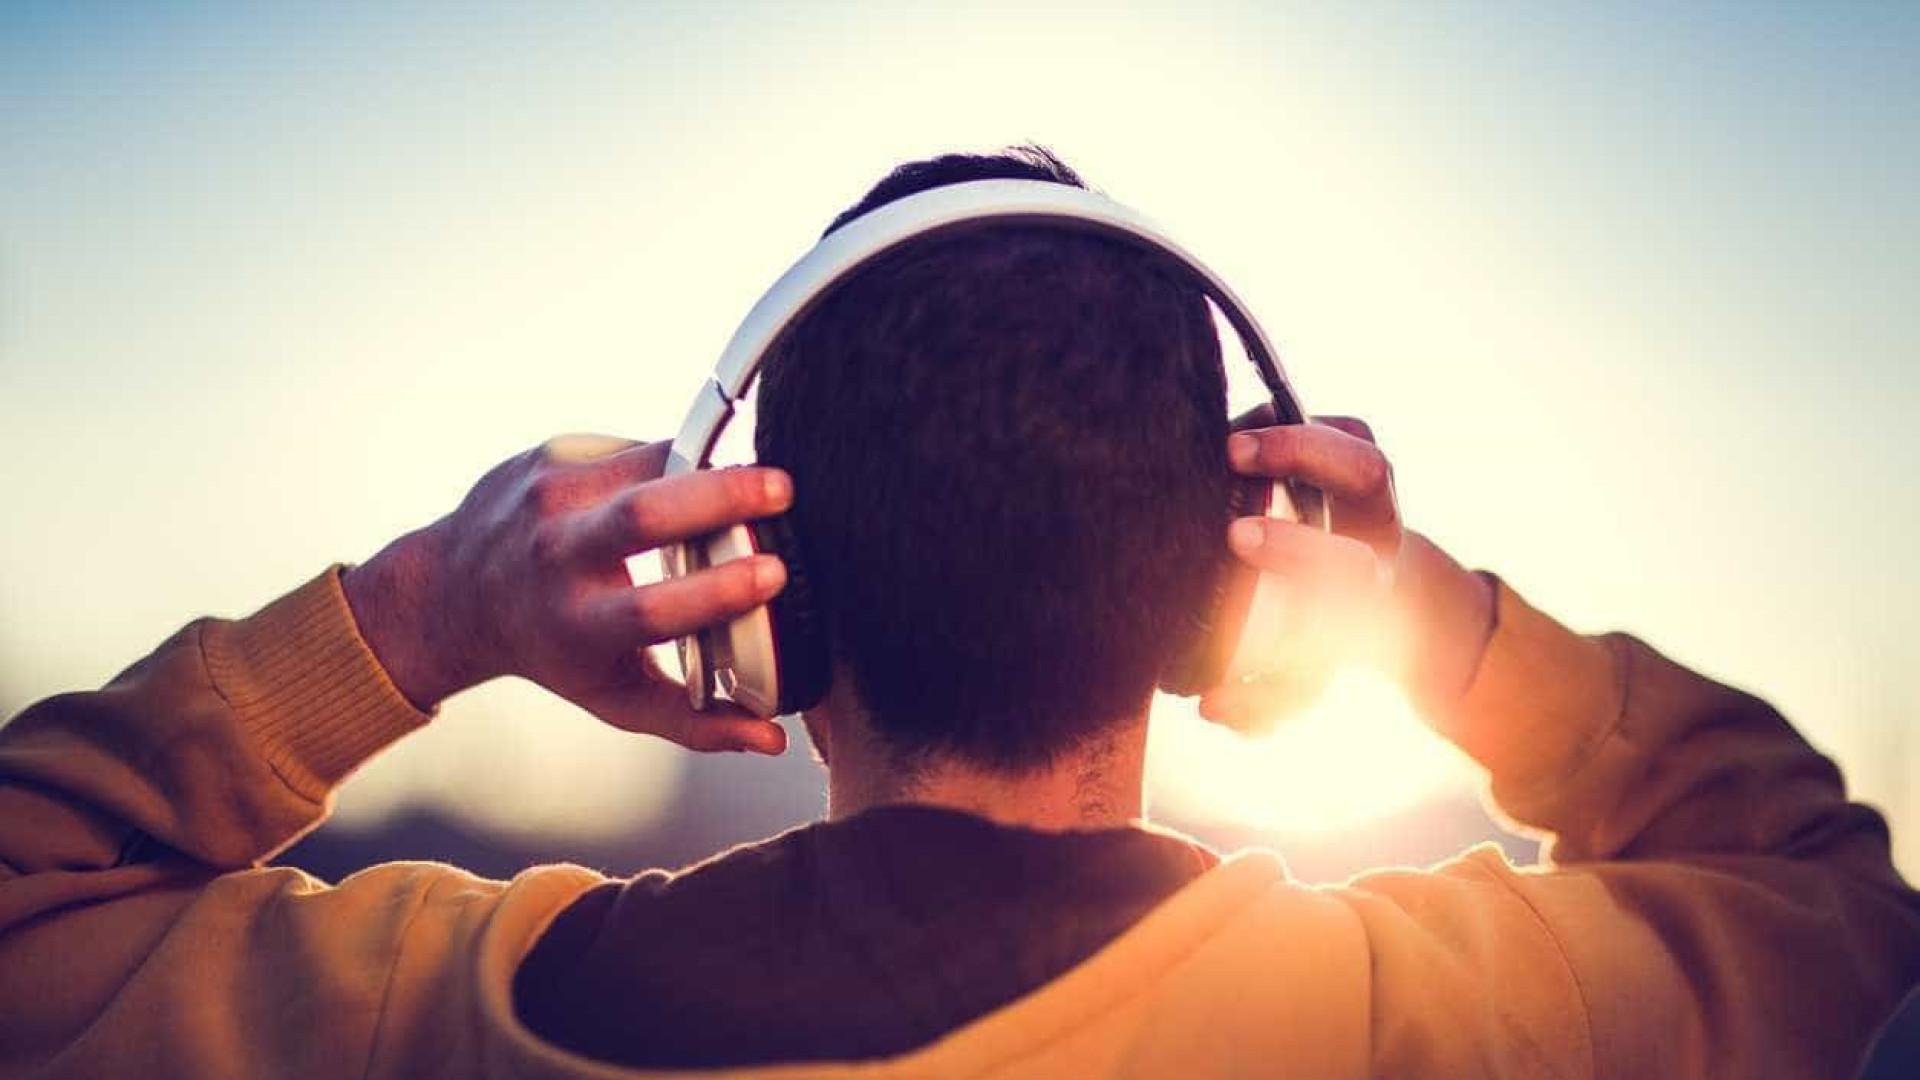 'Mi Gente', a música que destronou 'Despacito' do topo do Spotify